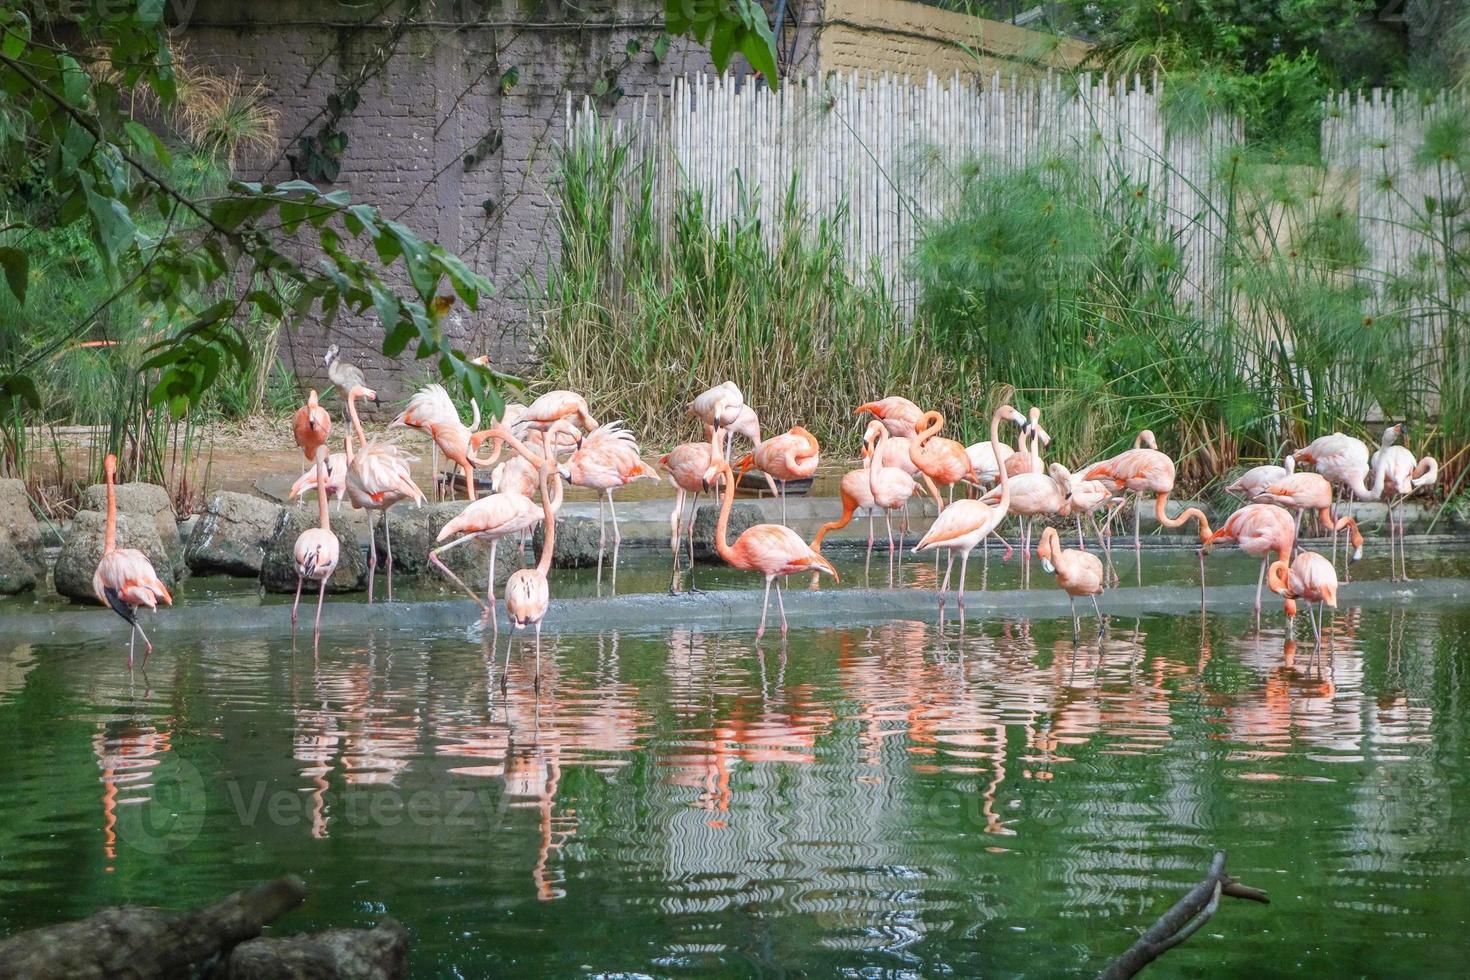 uccelli fenicotteri in uno stagno foto